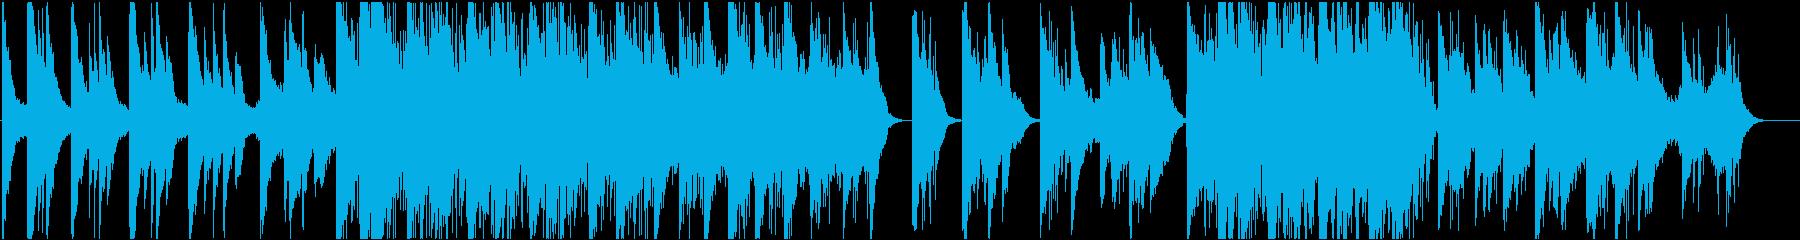 ピアノが印象的なインスタレーション音楽2の再生済みの波形